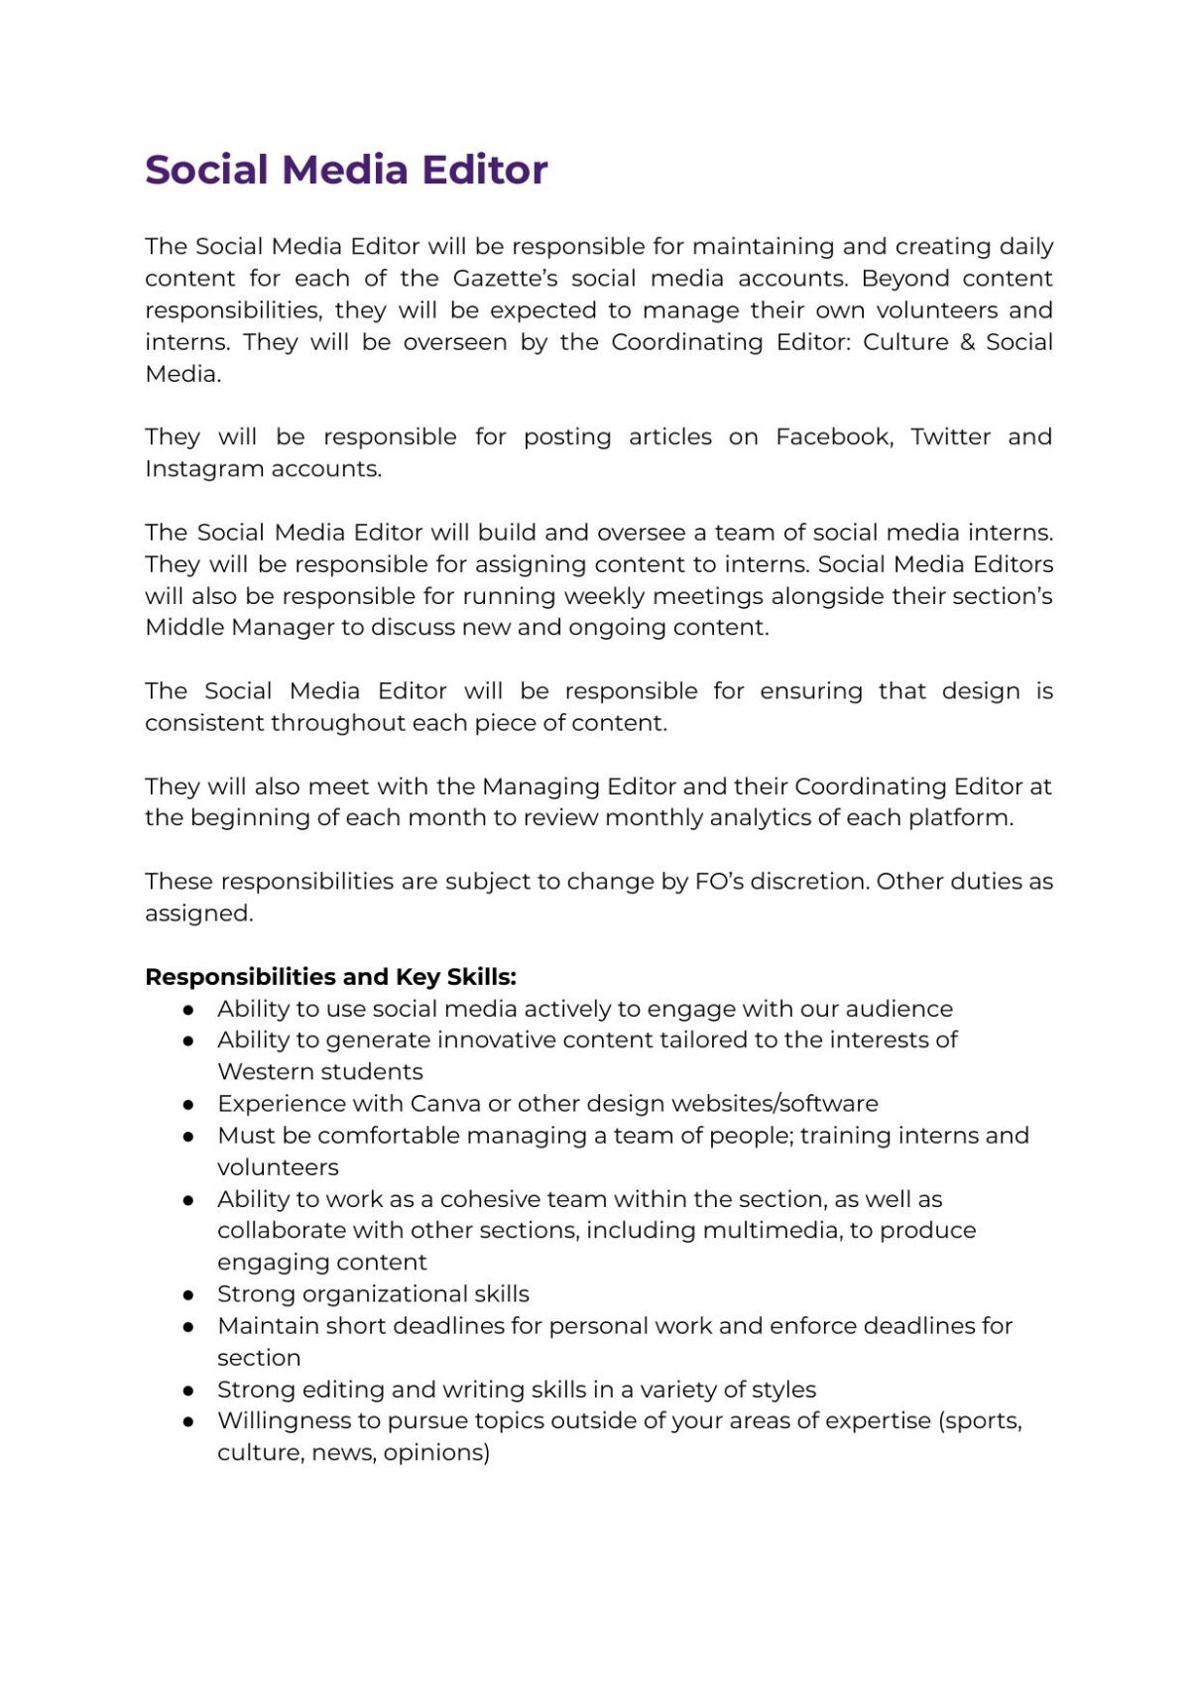 Social Media Editor Job Description 2021